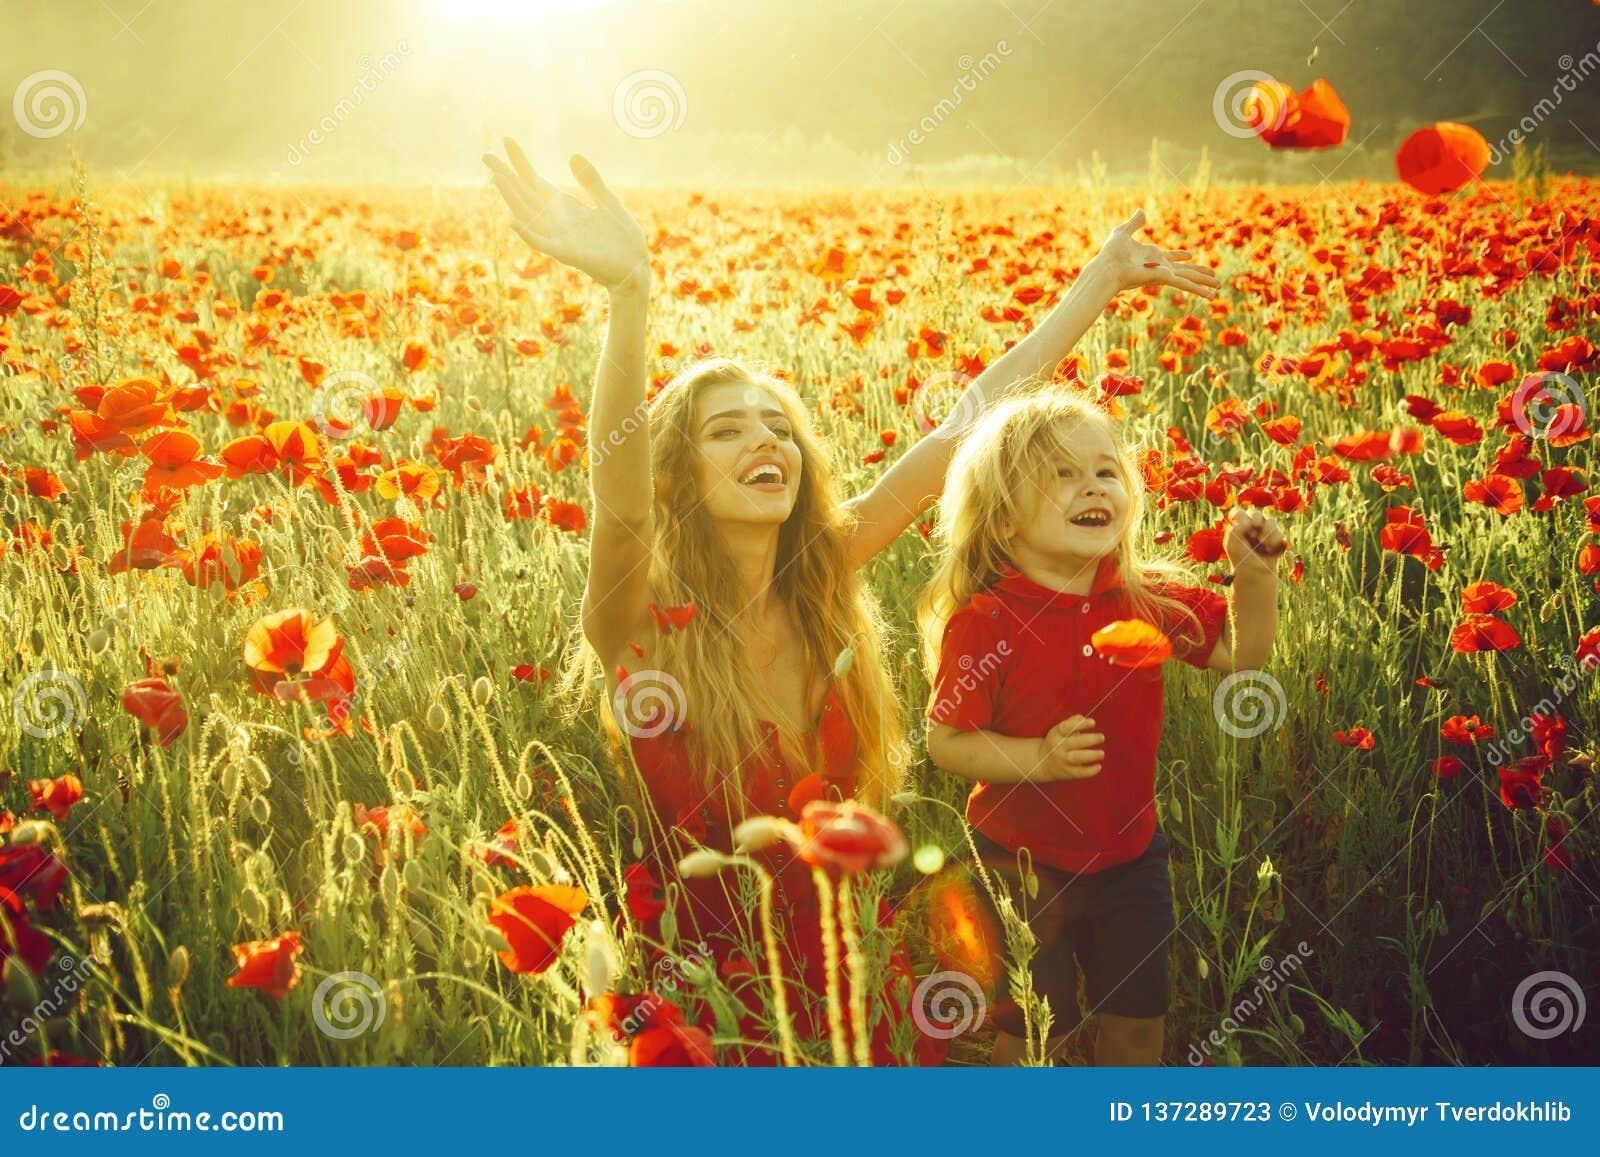 Förälskelse och familj, lycklig moder och barn i vallmofält